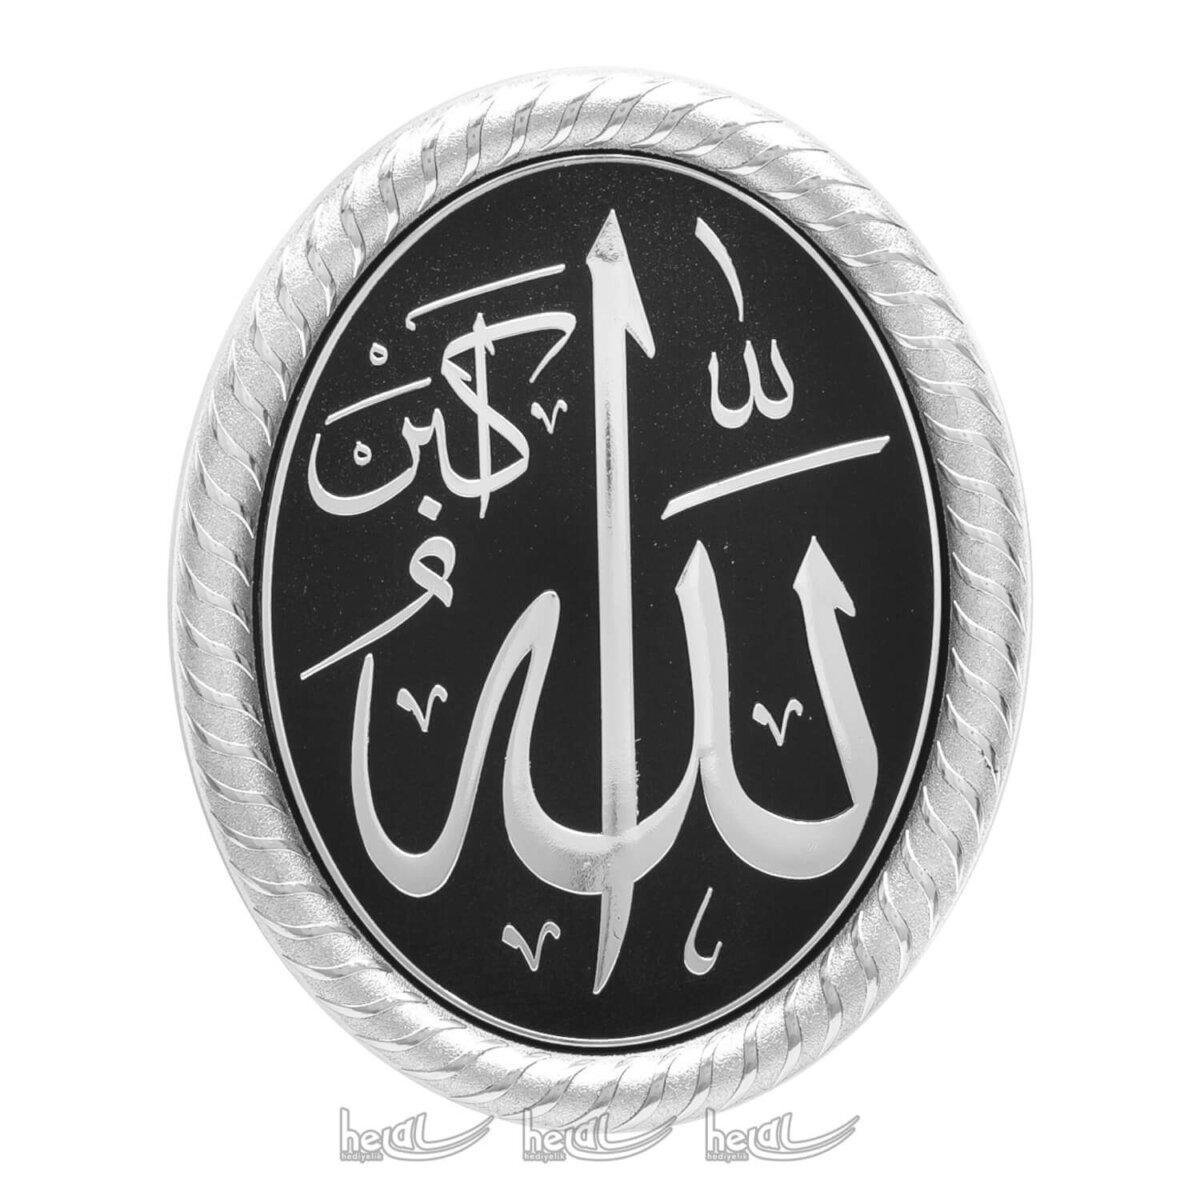 19x24cm İsmi Celil Allah cc. Lafzı Kabartmalı Oval Duvar Panosu Ayetli Duvar Süsleri